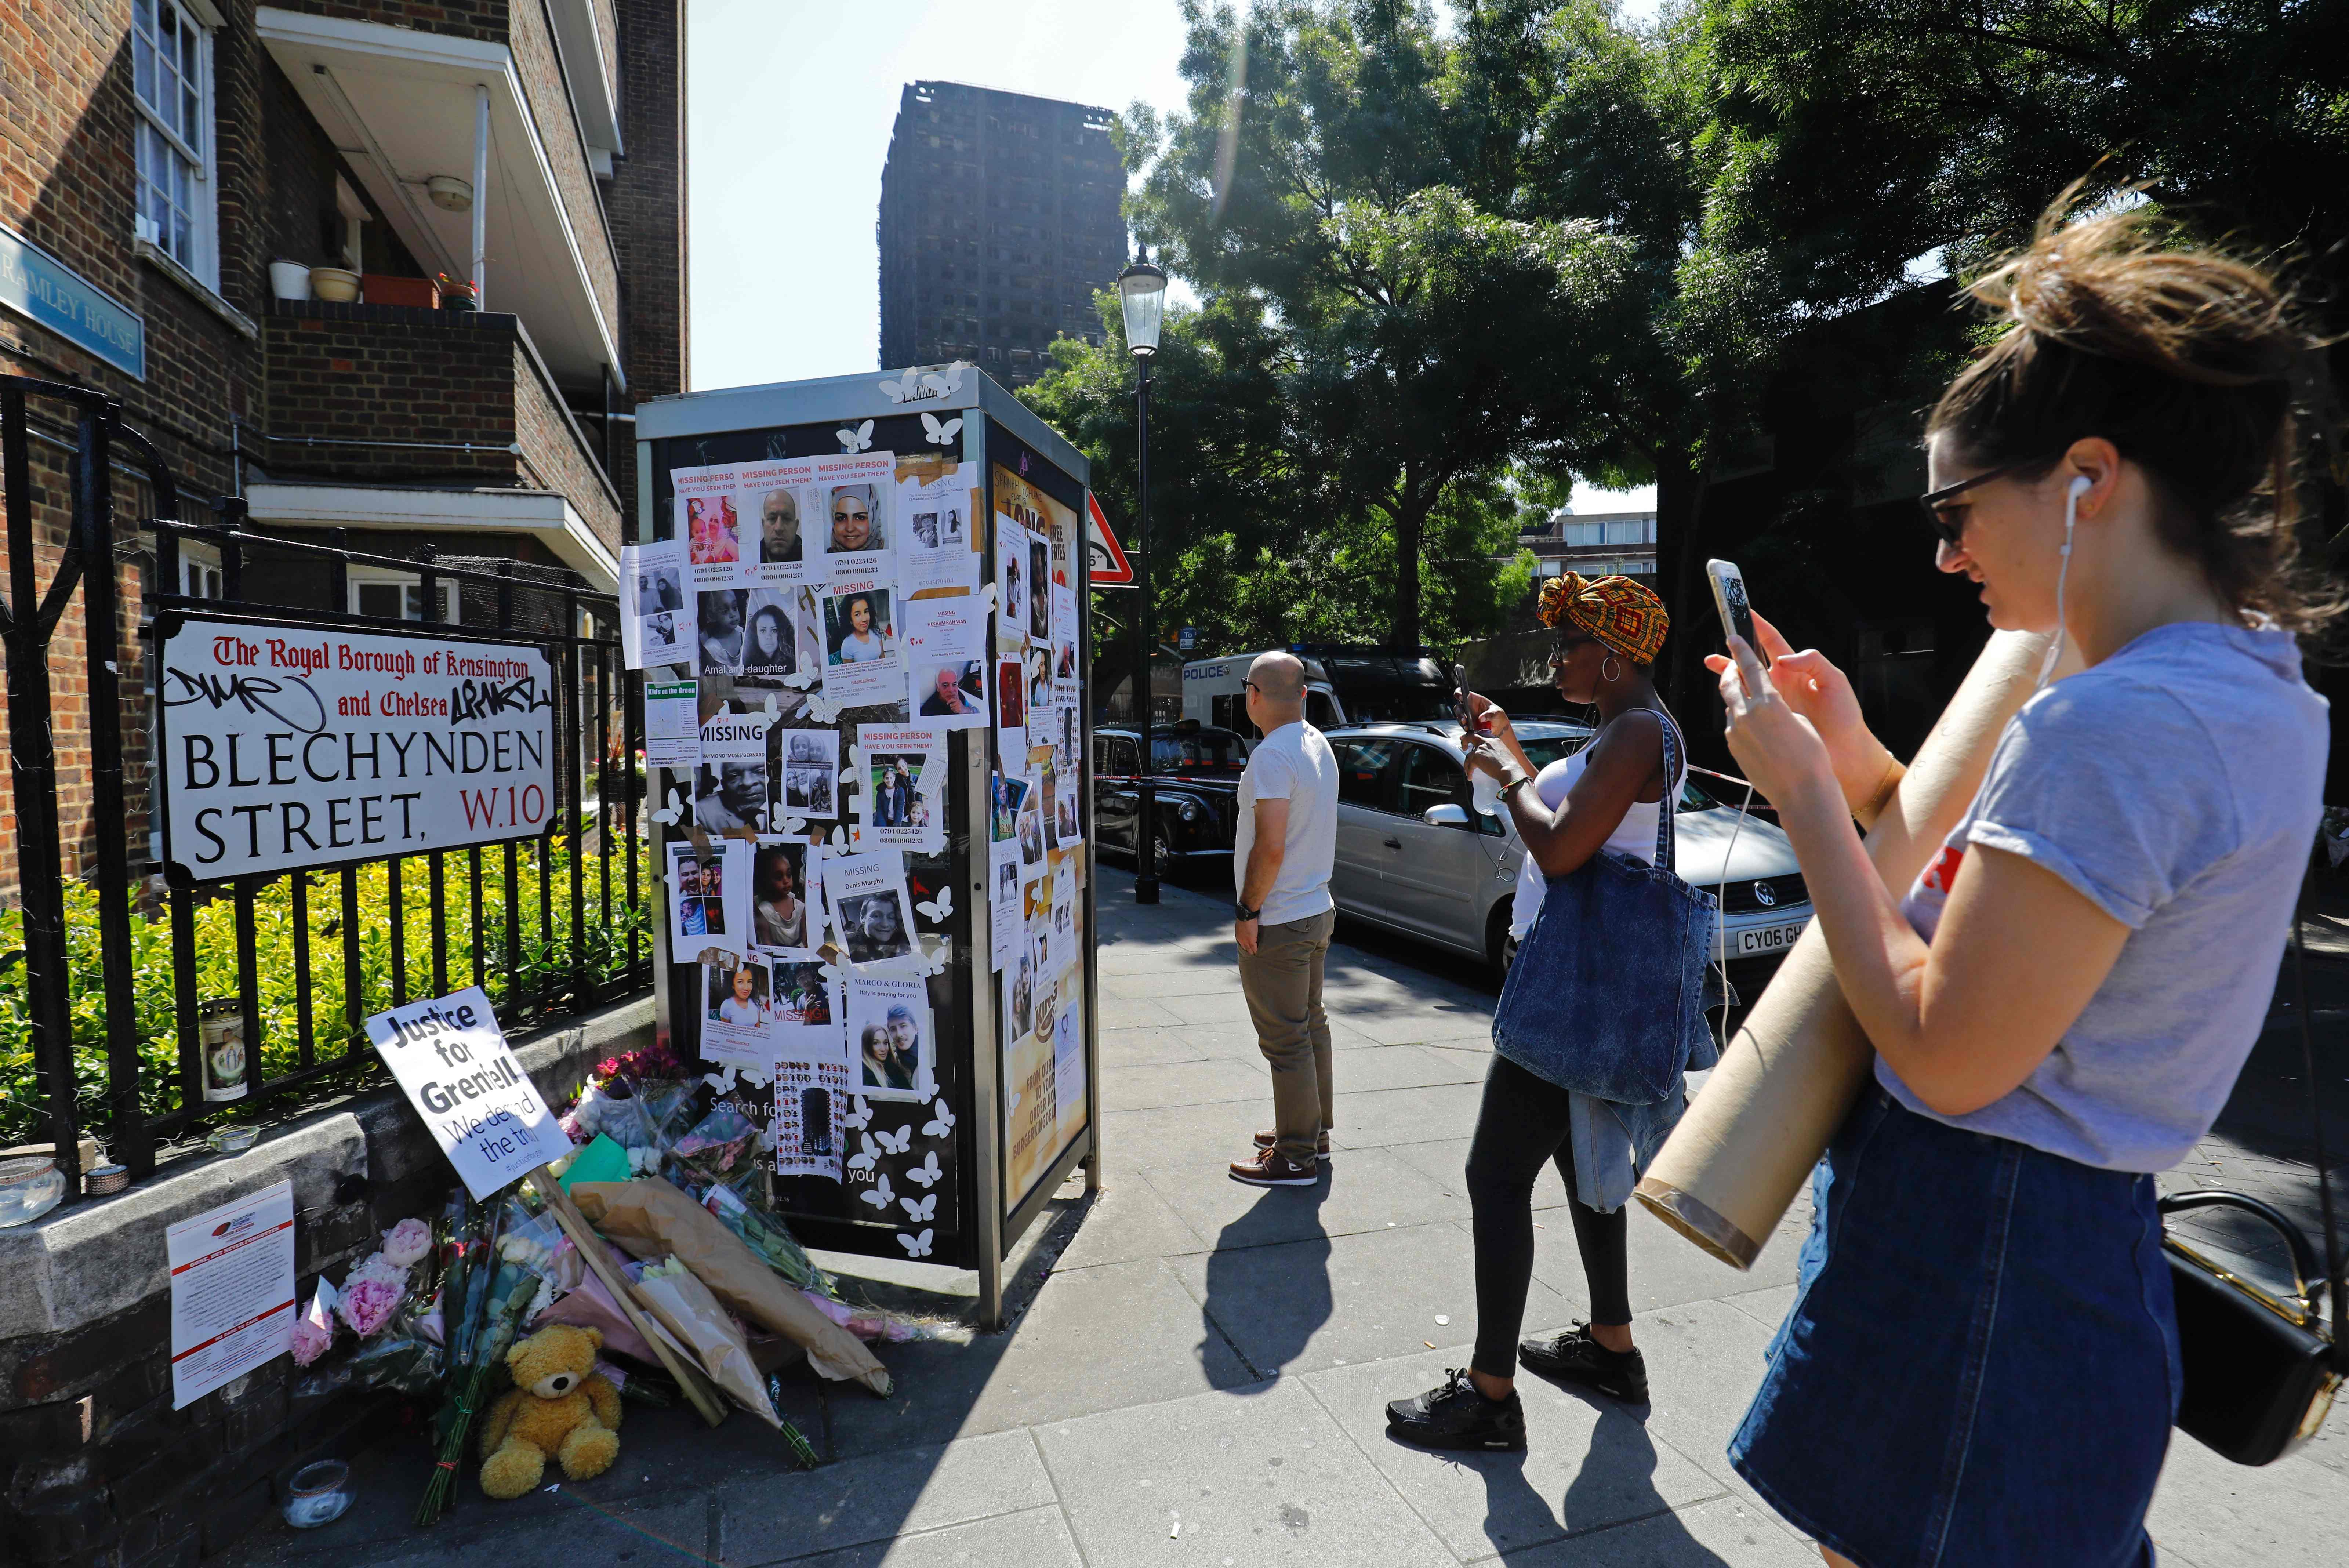 فتاة تصور لافتة تأبين ضحايا حريق لندن